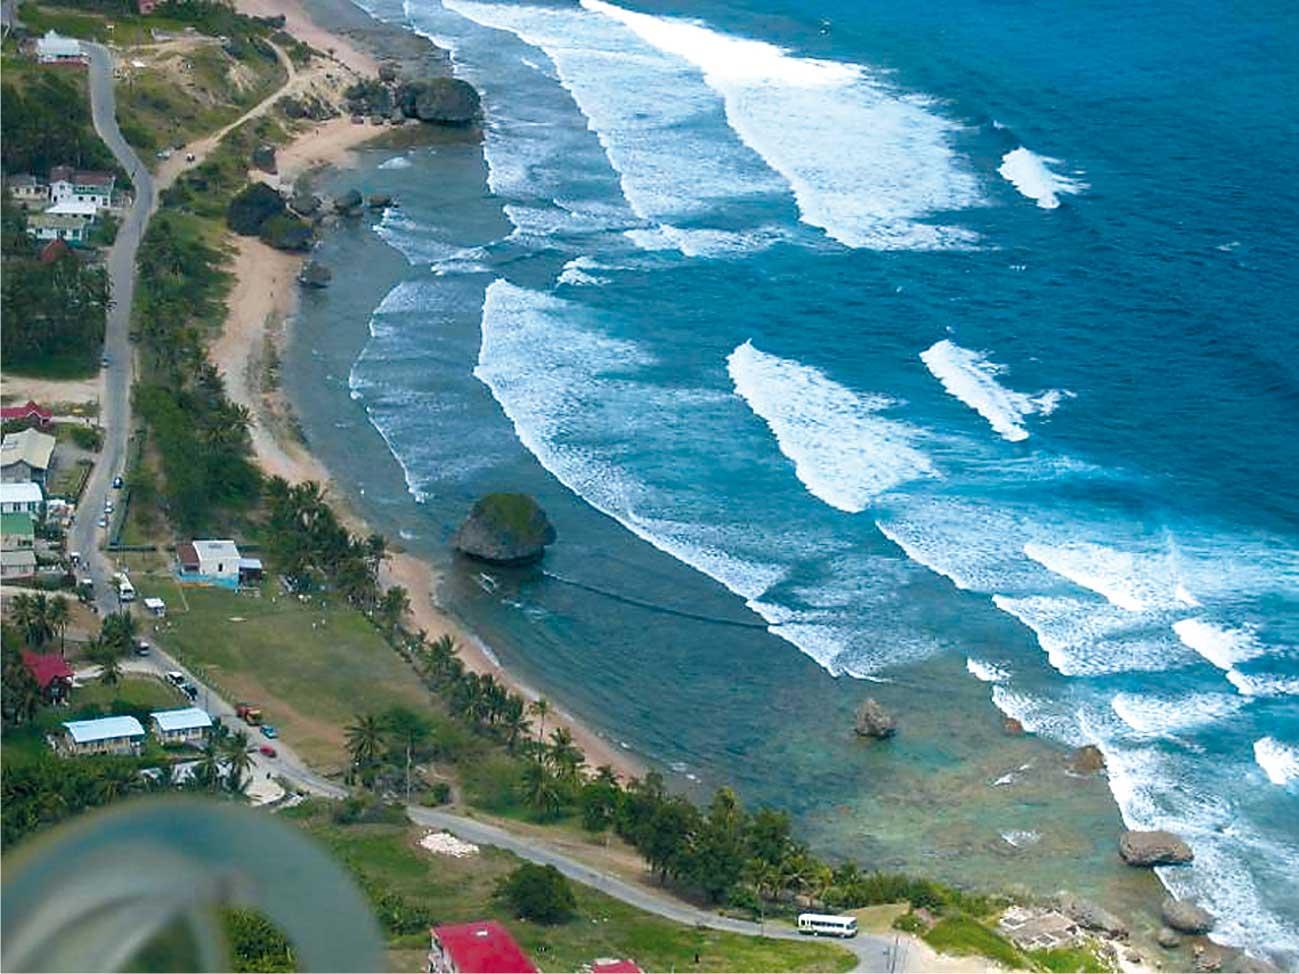 بالصور عجائب البحر , ماذا تعرف عن عجائب البحر 3363 9